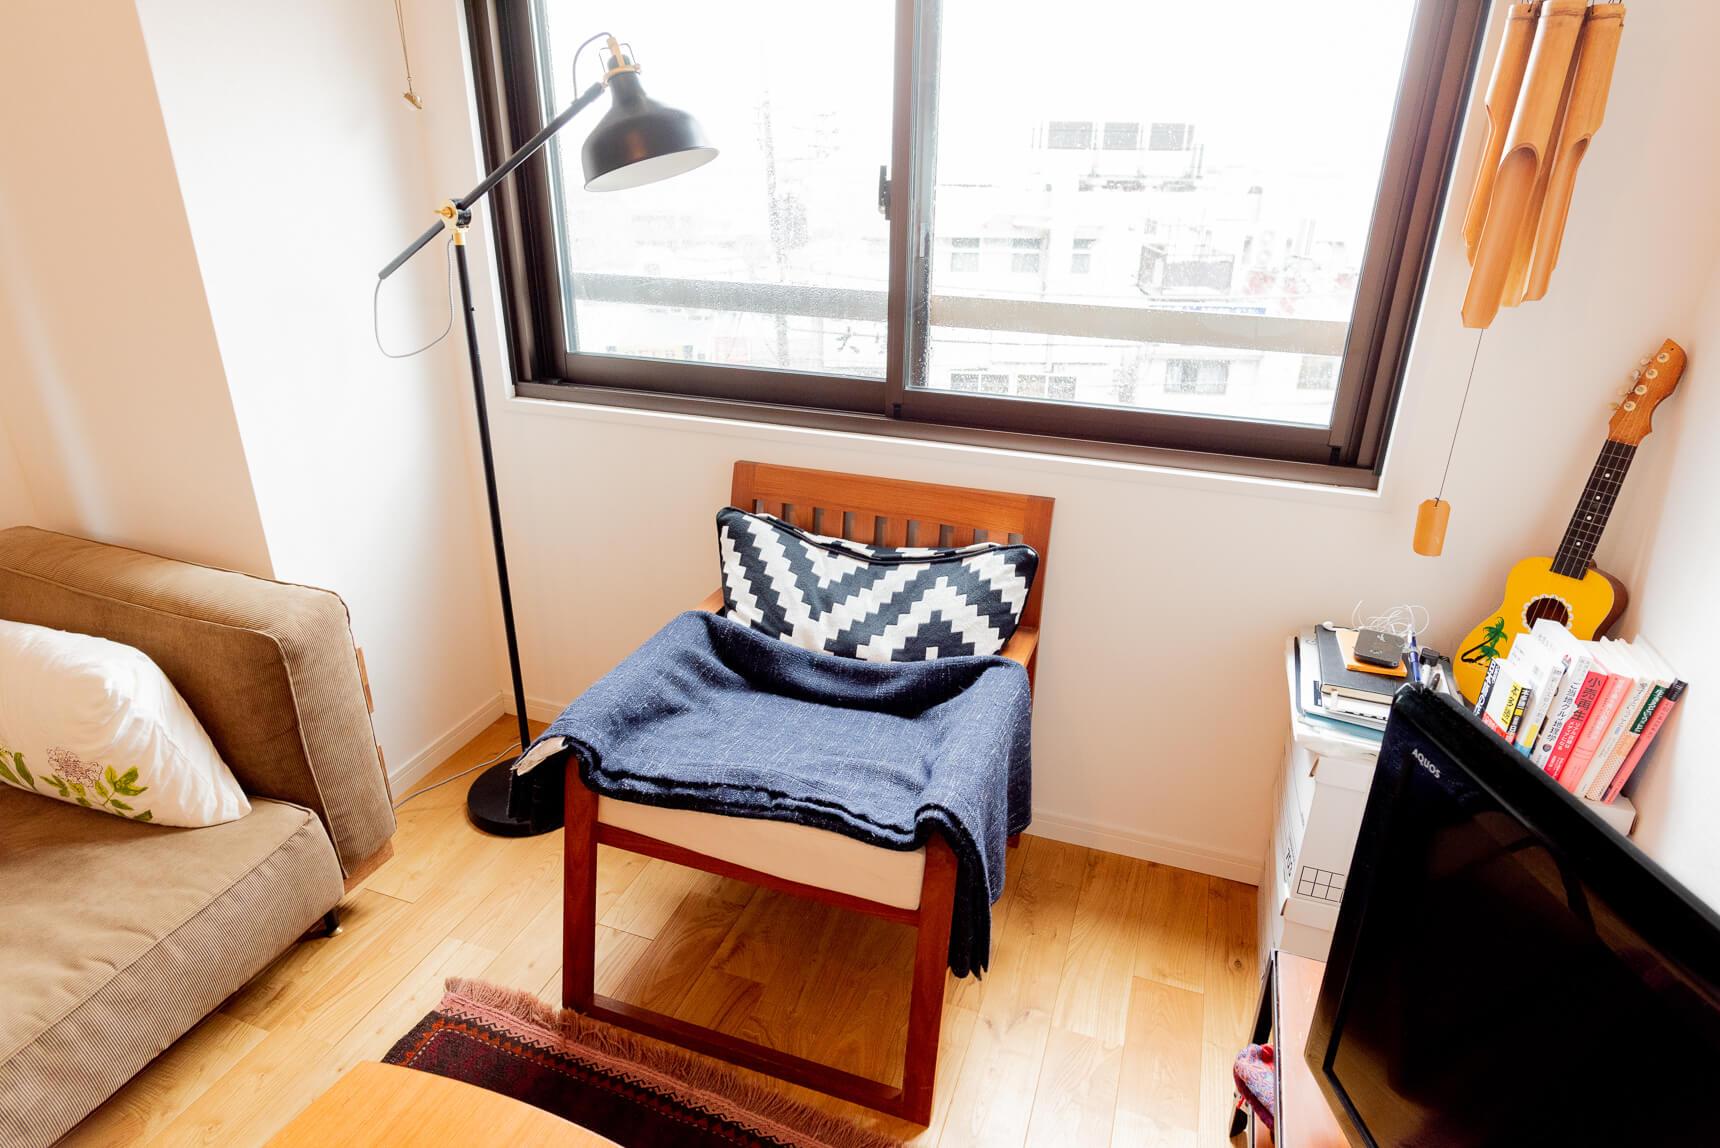 「おたがい椅子が好き」というおふたり。特に窓際に置かれた椅子がとてもかっこいい。ぼくもこれほしい、と思ったら「イス展のオークションで落札したものです」だそうだ。いいなー。